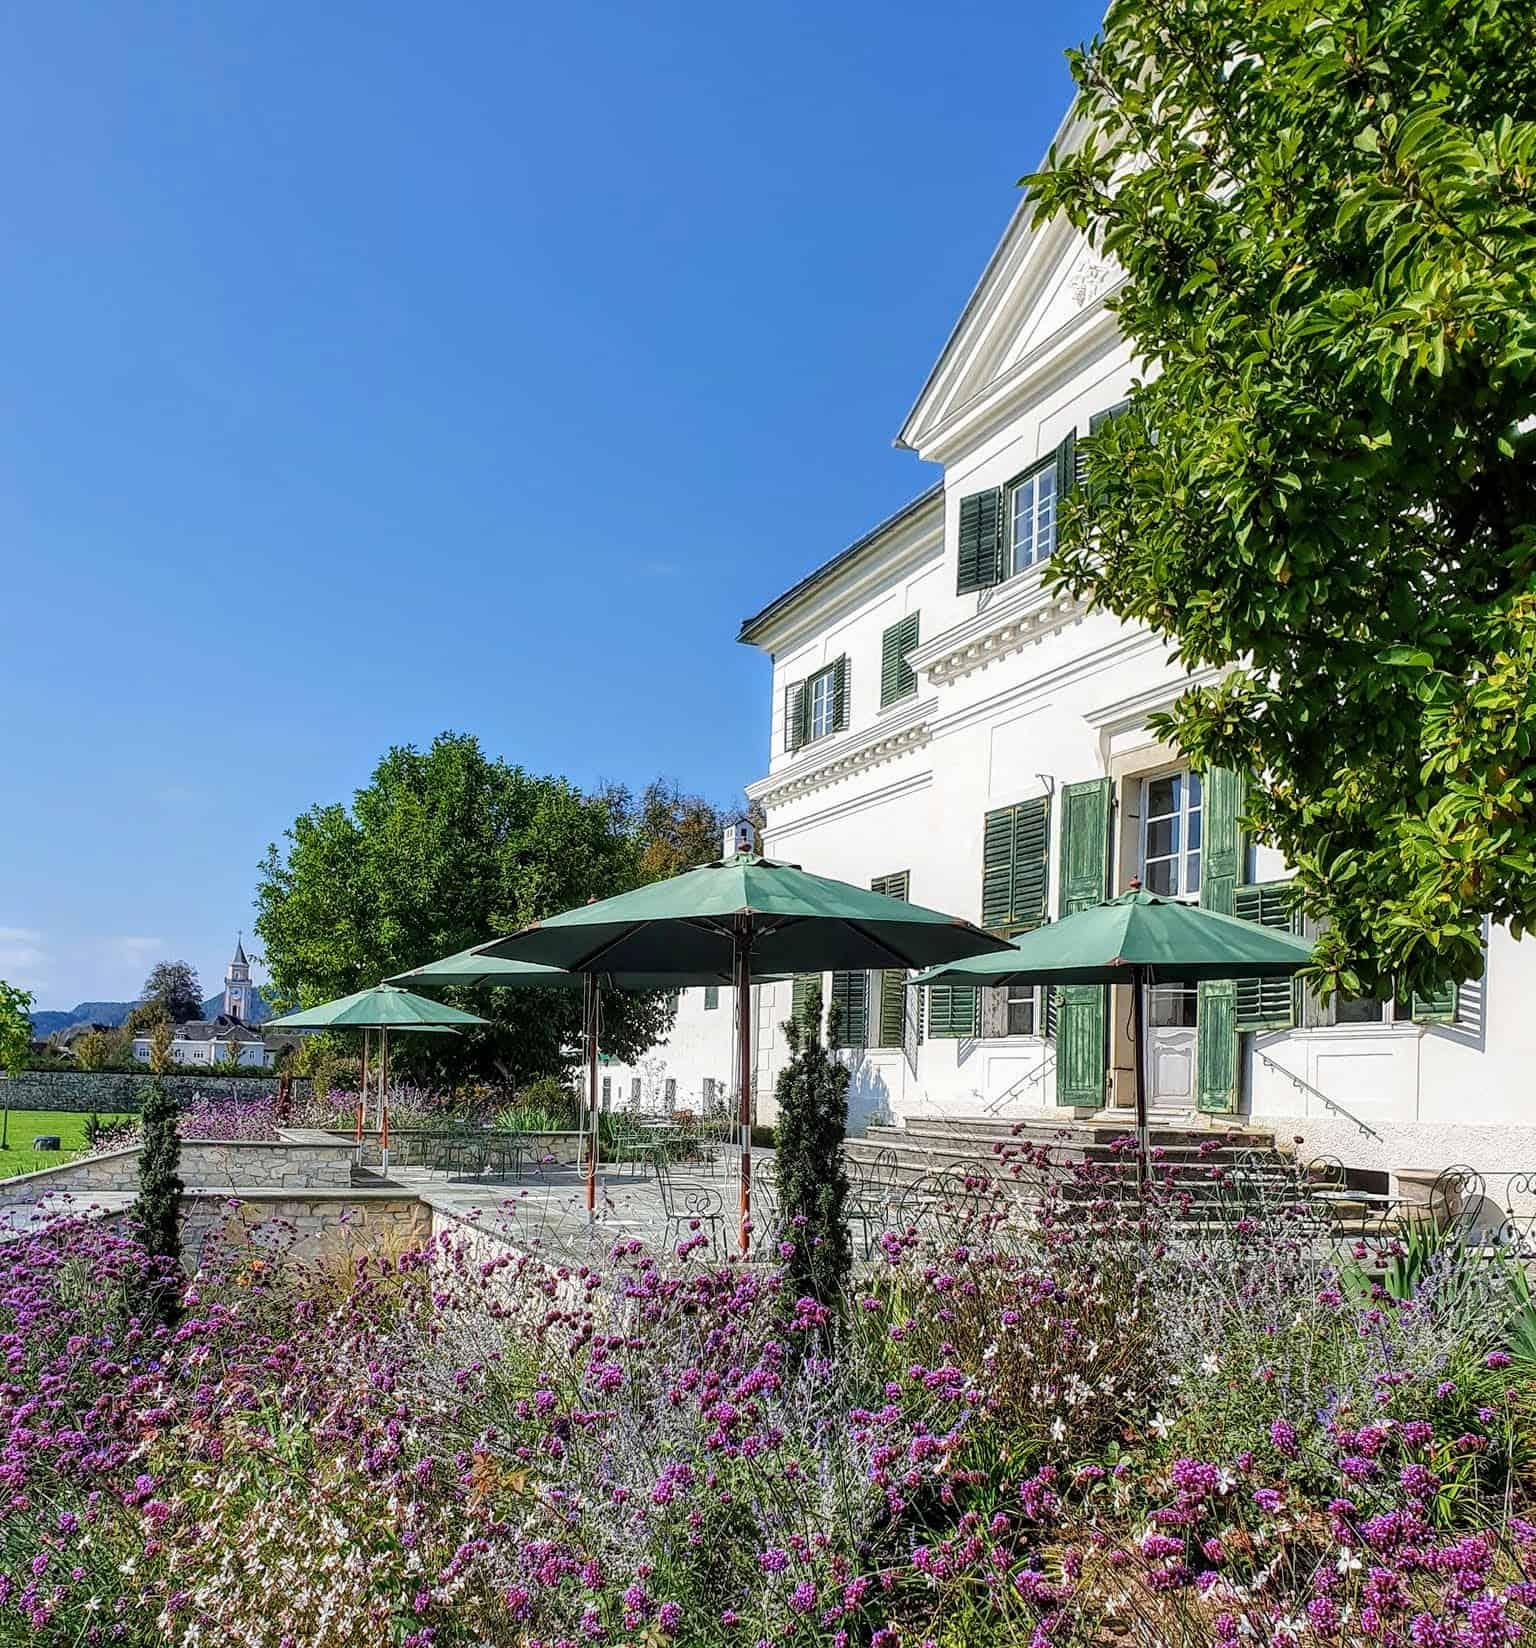 Terasse & Garten vom Schloss Rosegg - Hochzeitslocation und Cafe in Kärnten, Urlaubs- und Ausflugsziel in Österreich